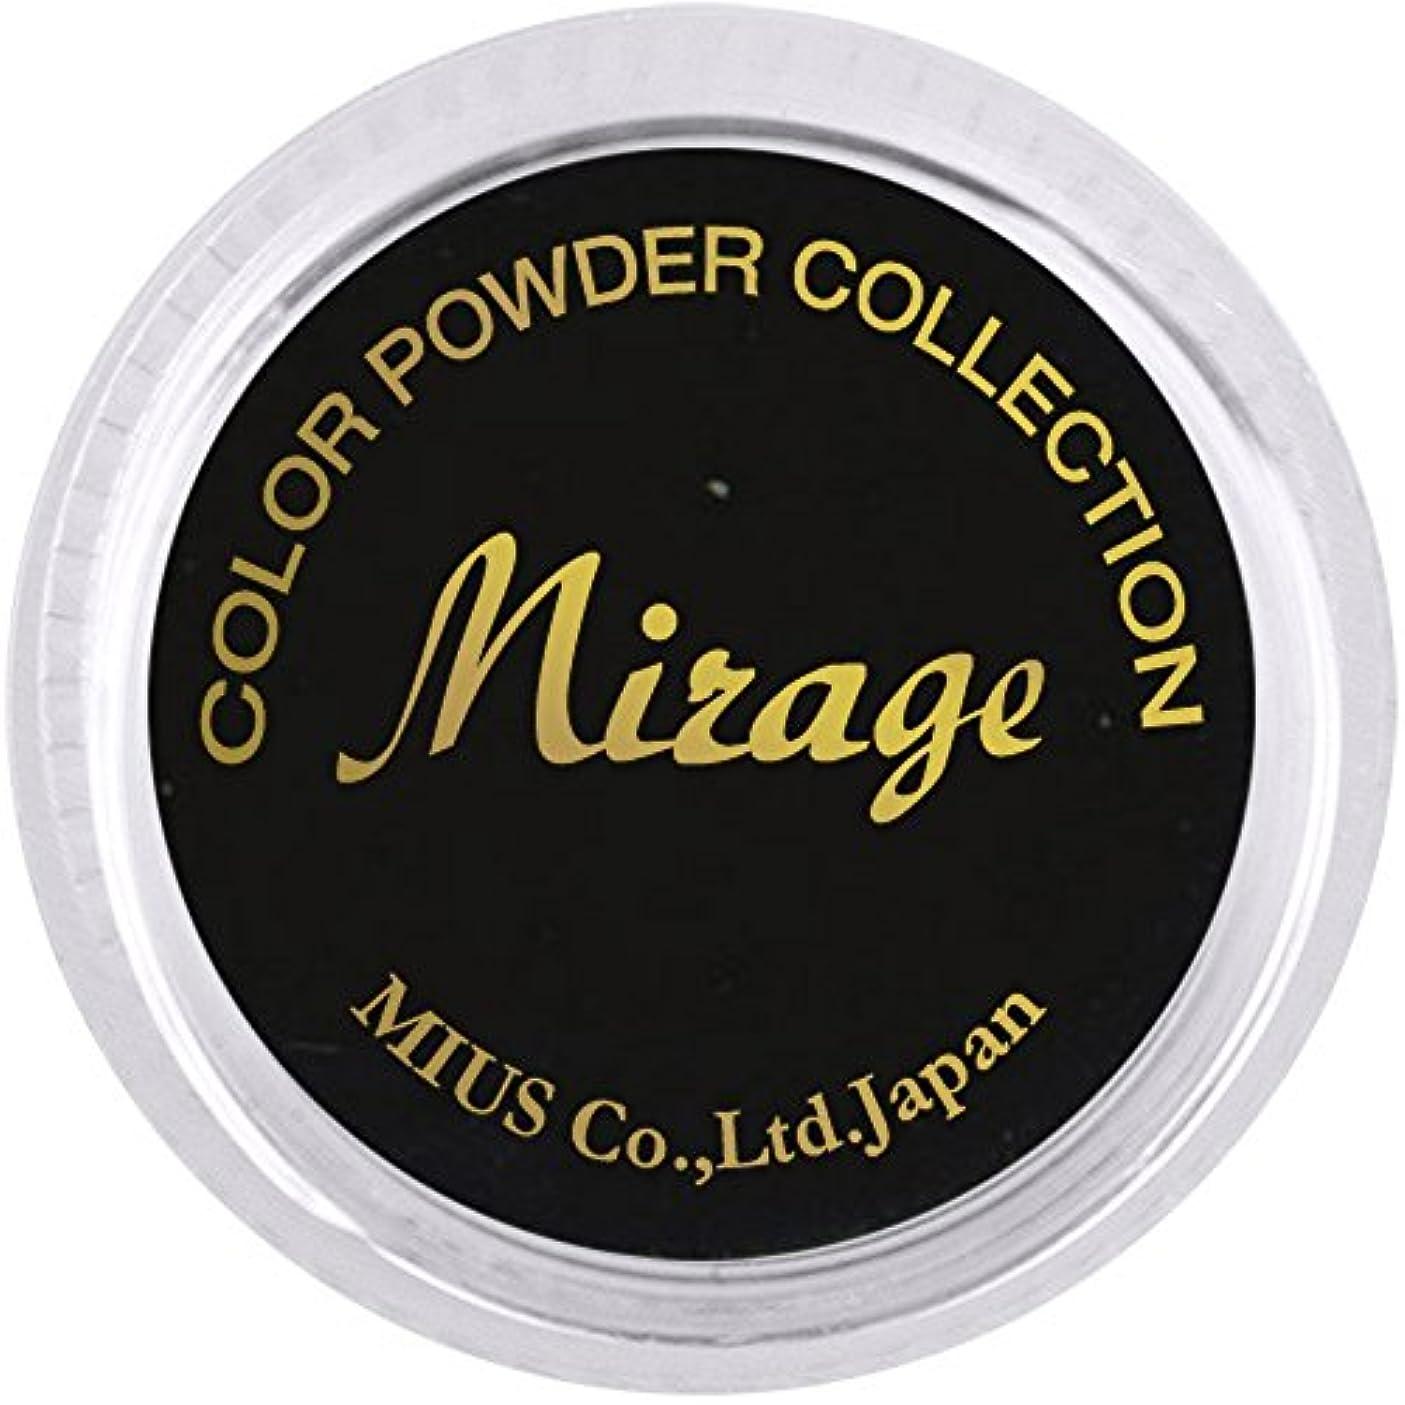 予約測定可能はがきミラージュ カラーパウダー N/CPS-10  7g  アクリルパウダー 色鮮やかな蛍光スタンダードカラー